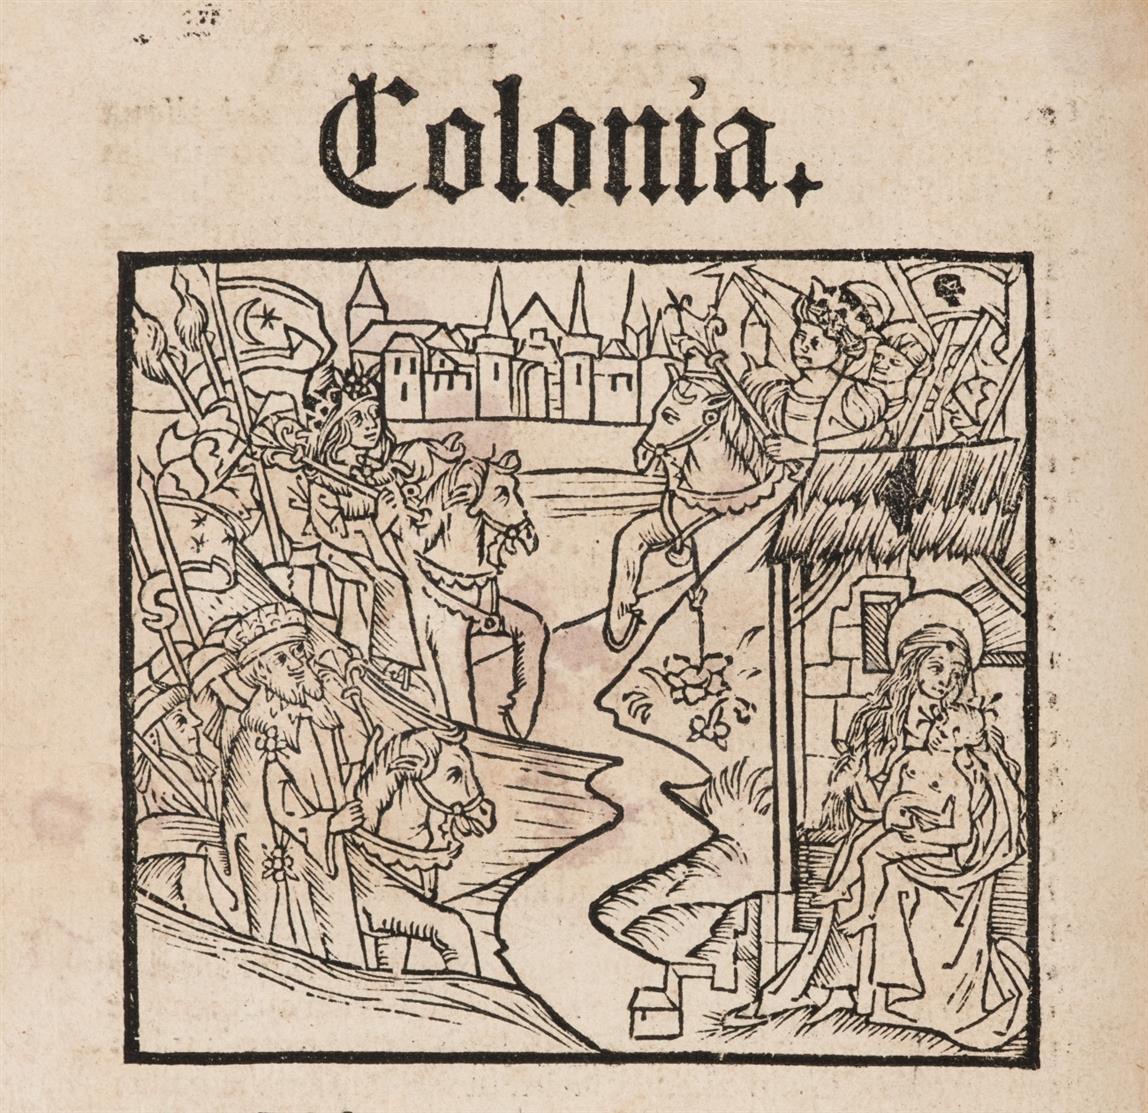 P. Vergilius Maro, Bucolica. Komm. H. Torrentinus. / Georgica. Komm. H. Torrentinus. / Opuscula. 3 Bde. in 1. Köln, H. Quentell, 1499.